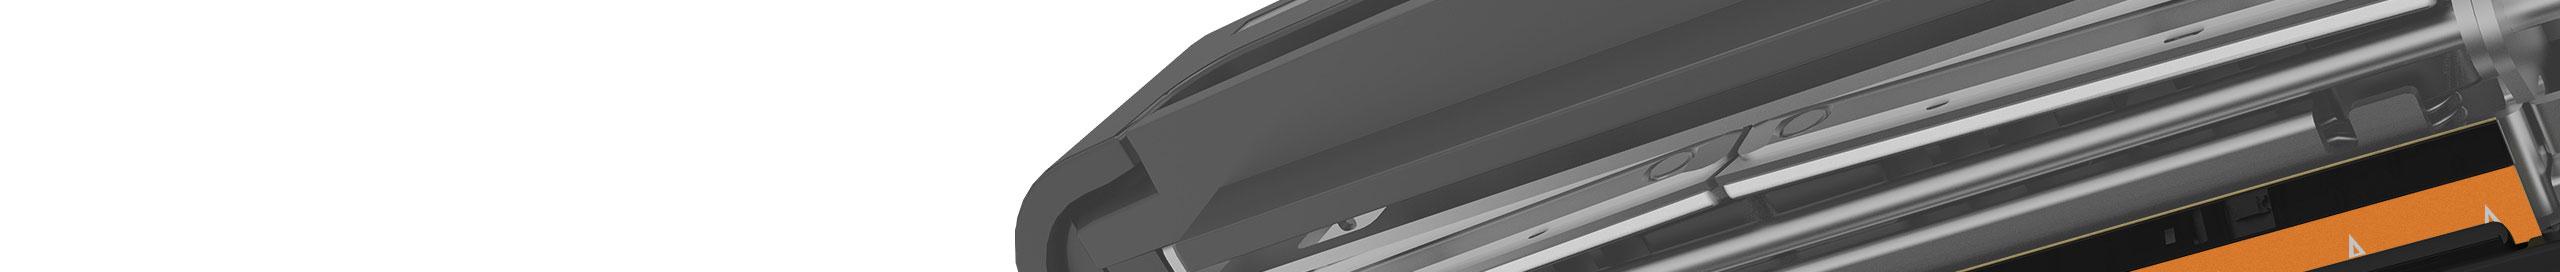 TP809热敏票据打印机,黑白两色可选  第20张